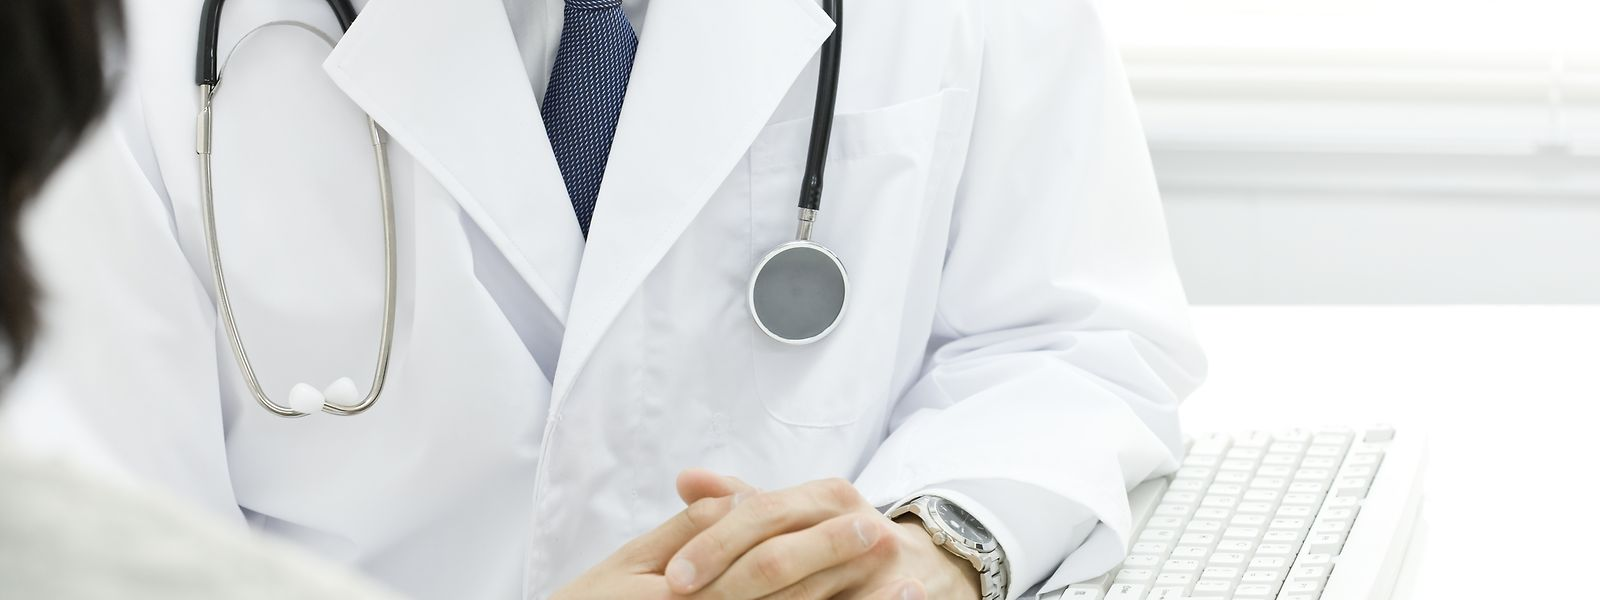 Für die Bedenken der Ärzte wurde bei der Anhörung zum Tiers payant wenig Verständnis gezeigt.